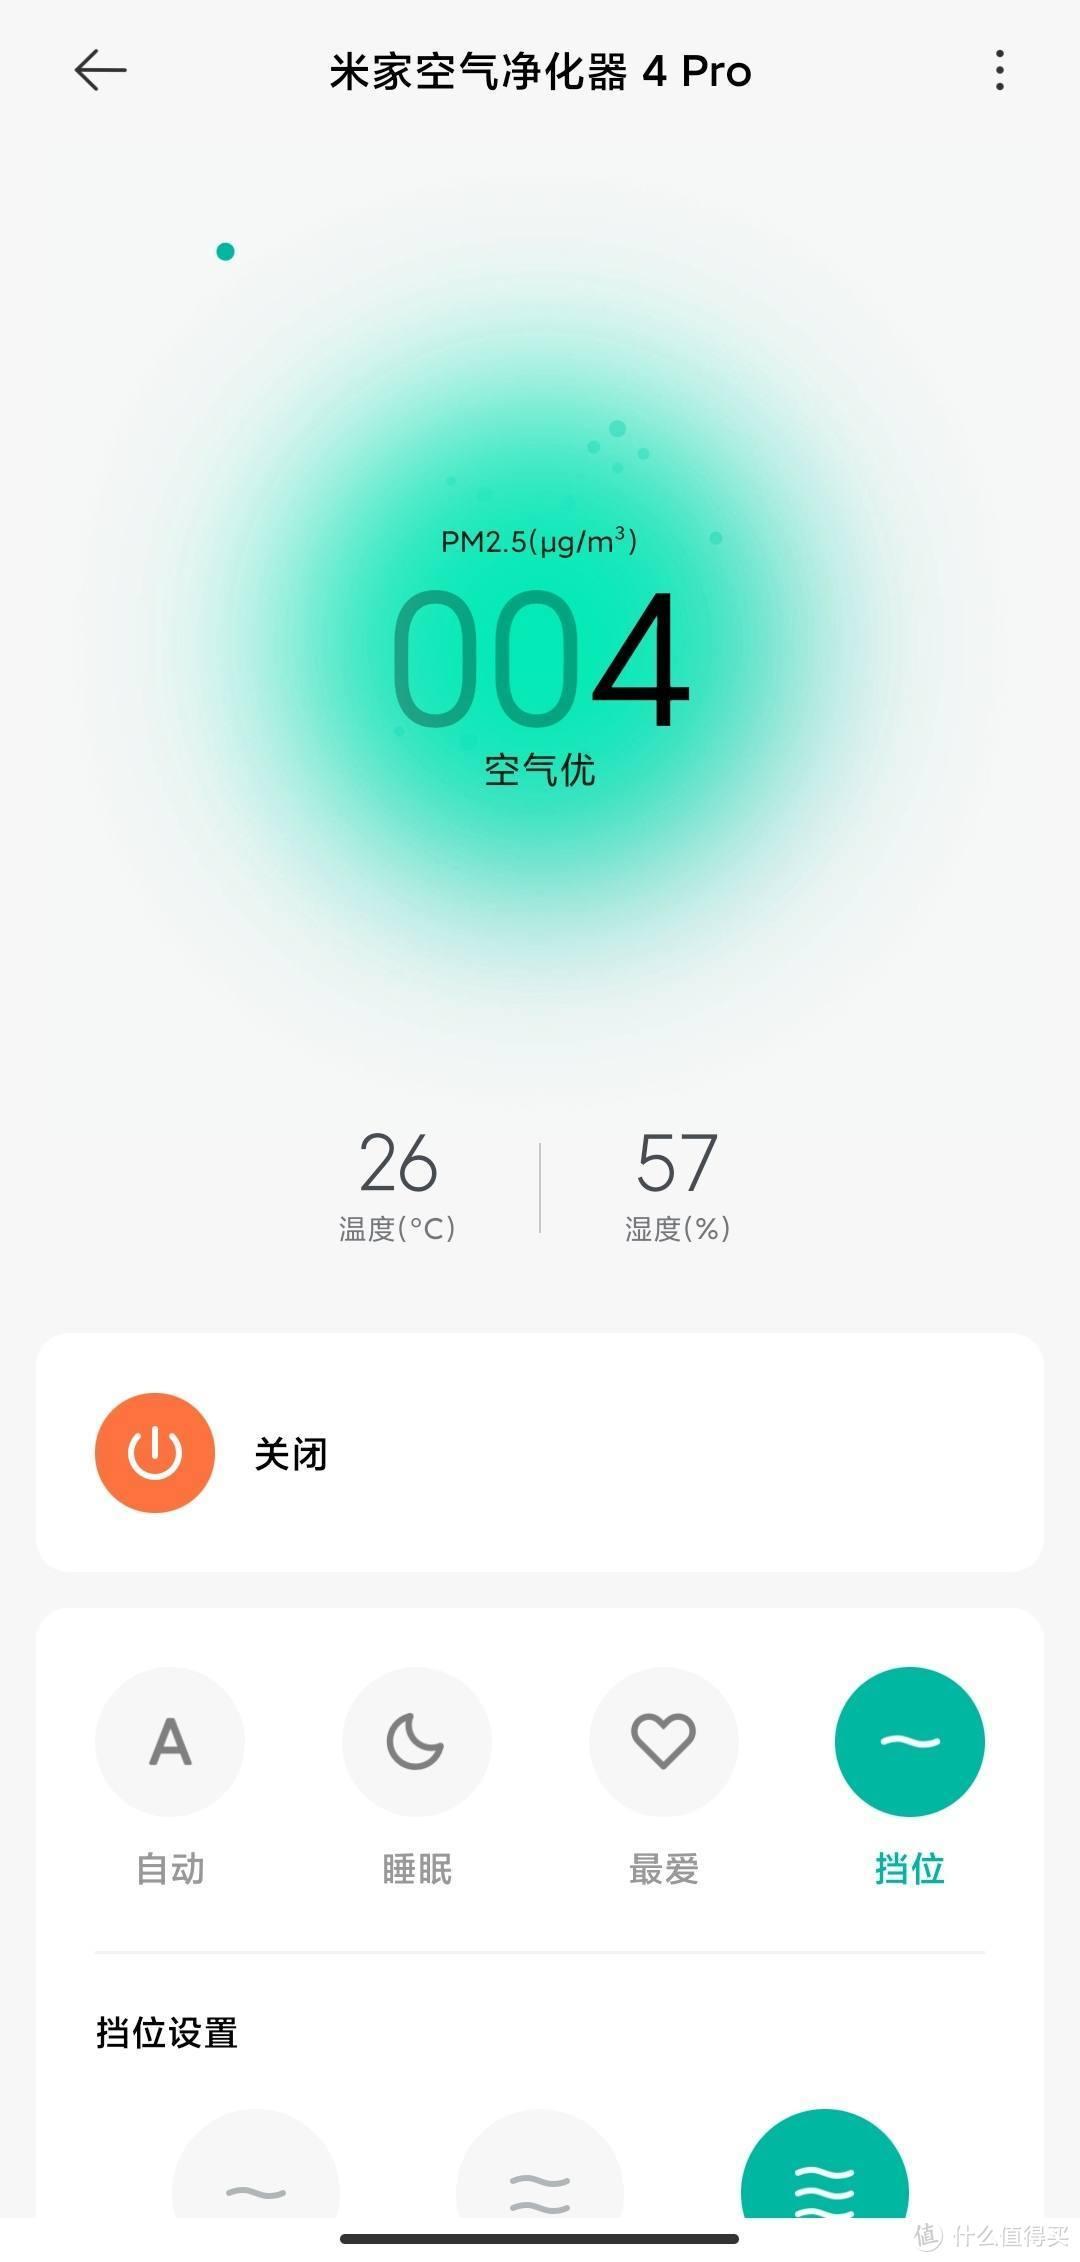 米家空净再升级——米家空气净化器4 Pro使用分享